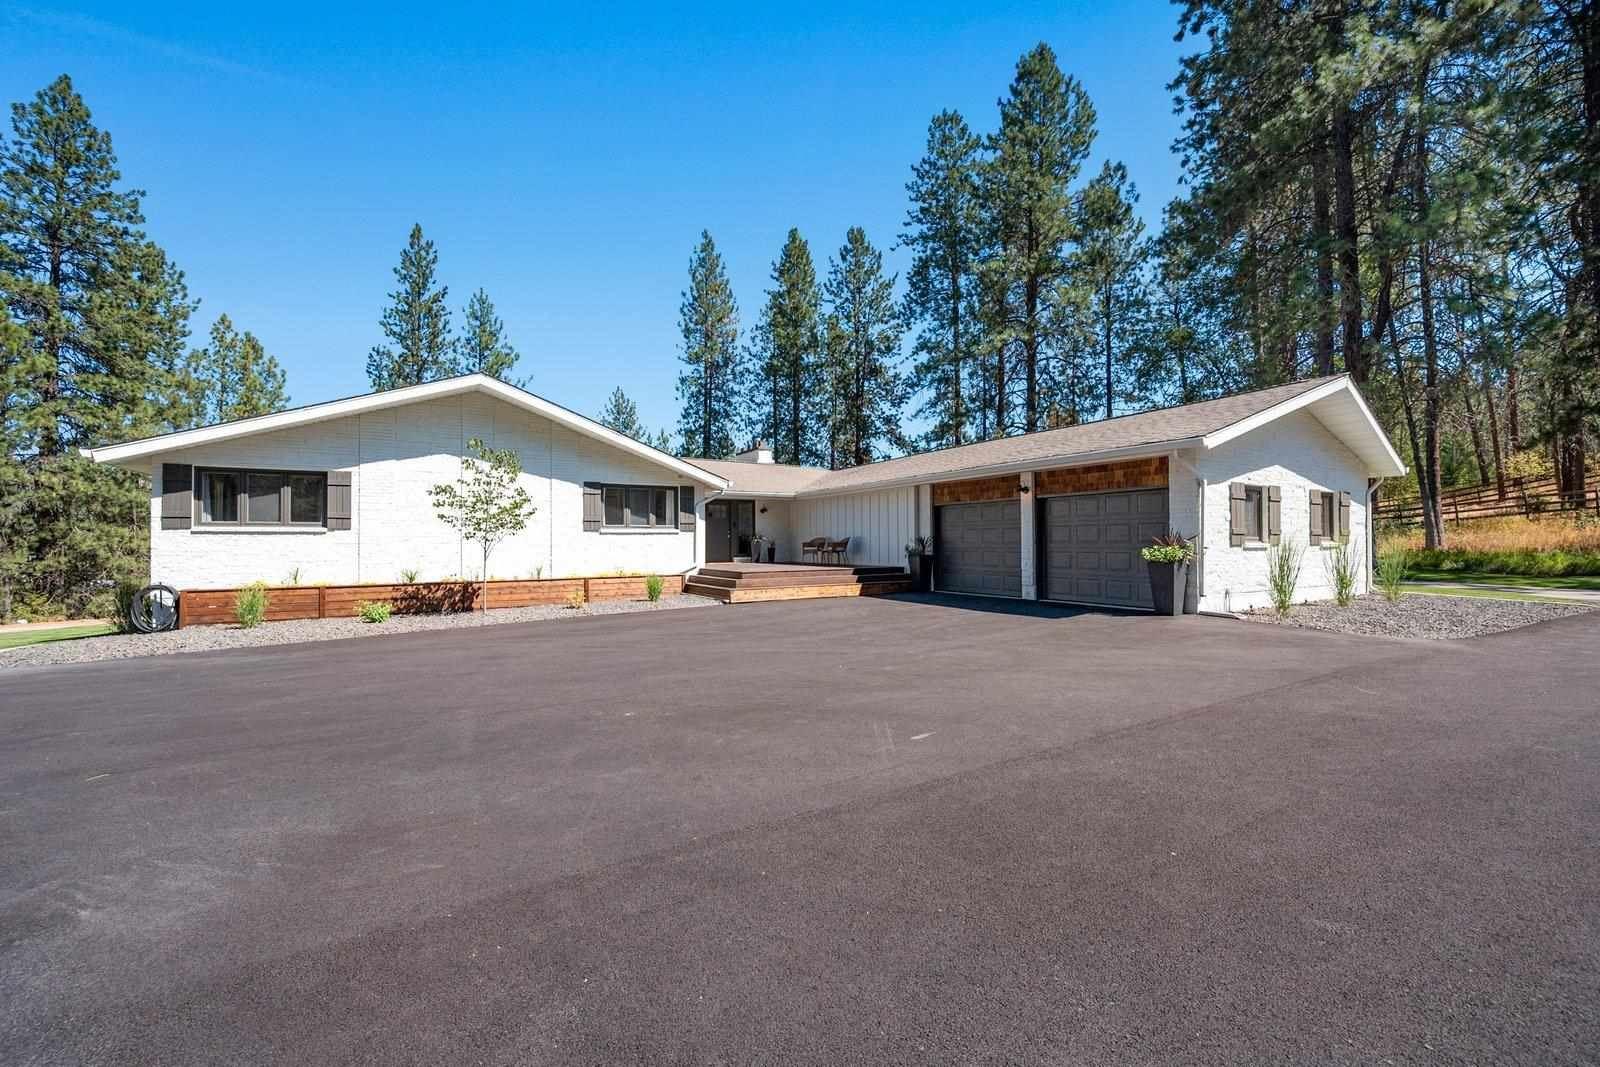 11523 N Kathy Dr, Spokane, WA 99218 - #: 202121288